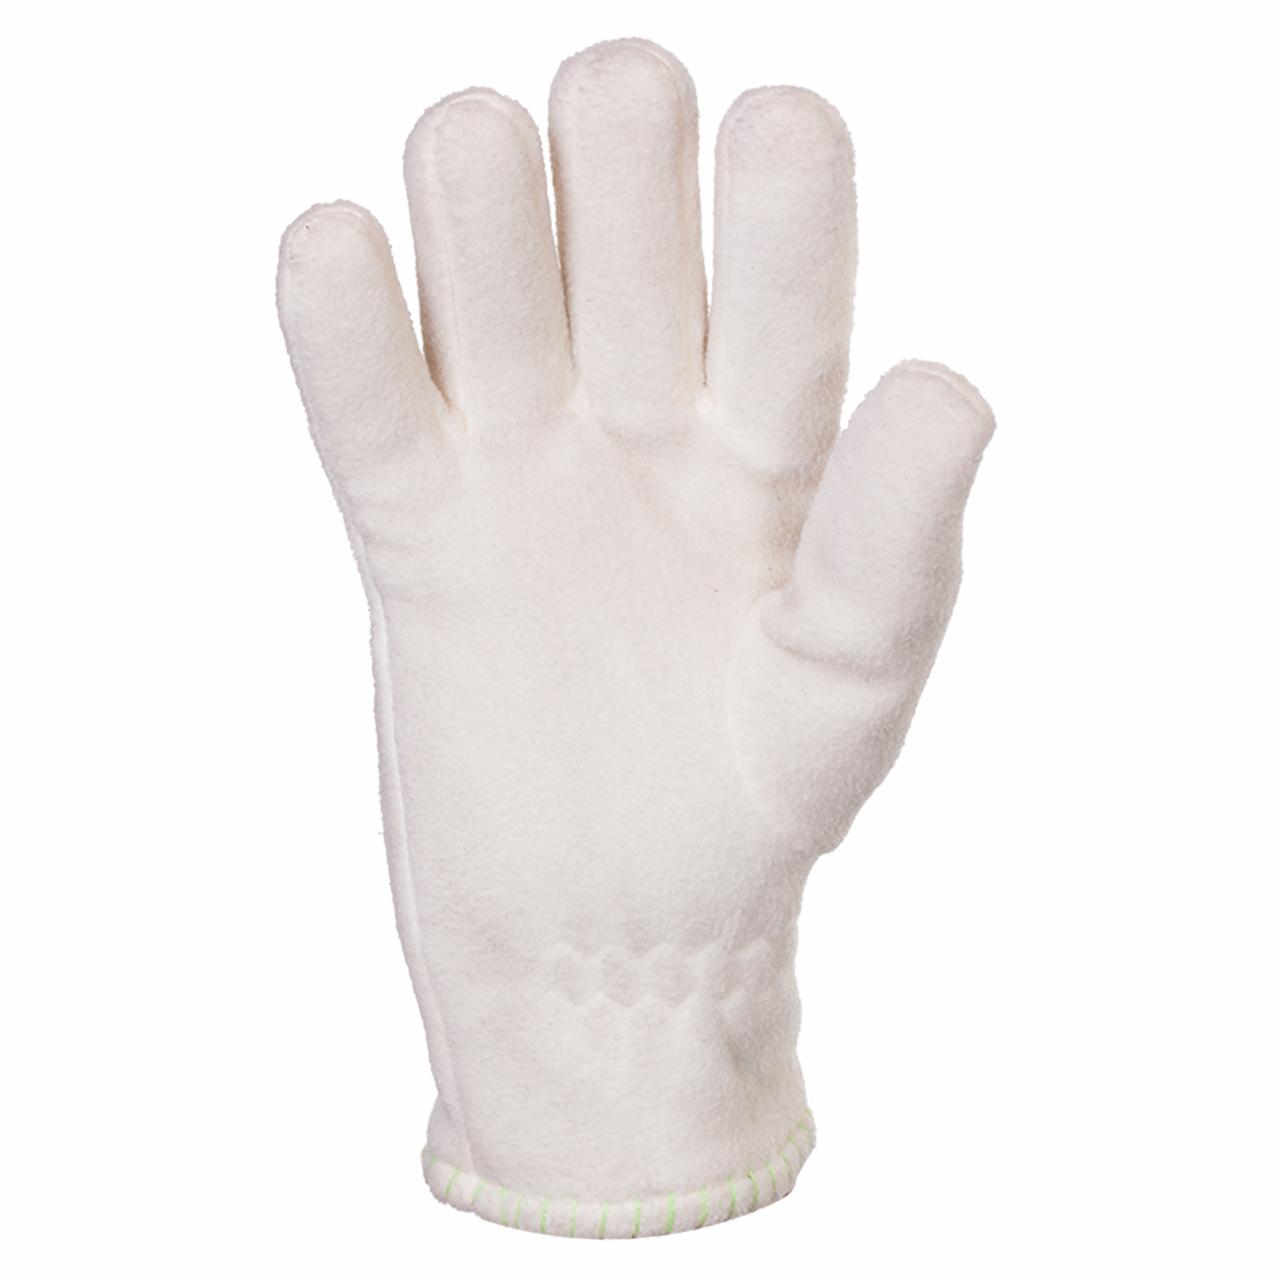 Недорогие перчатки на флисе